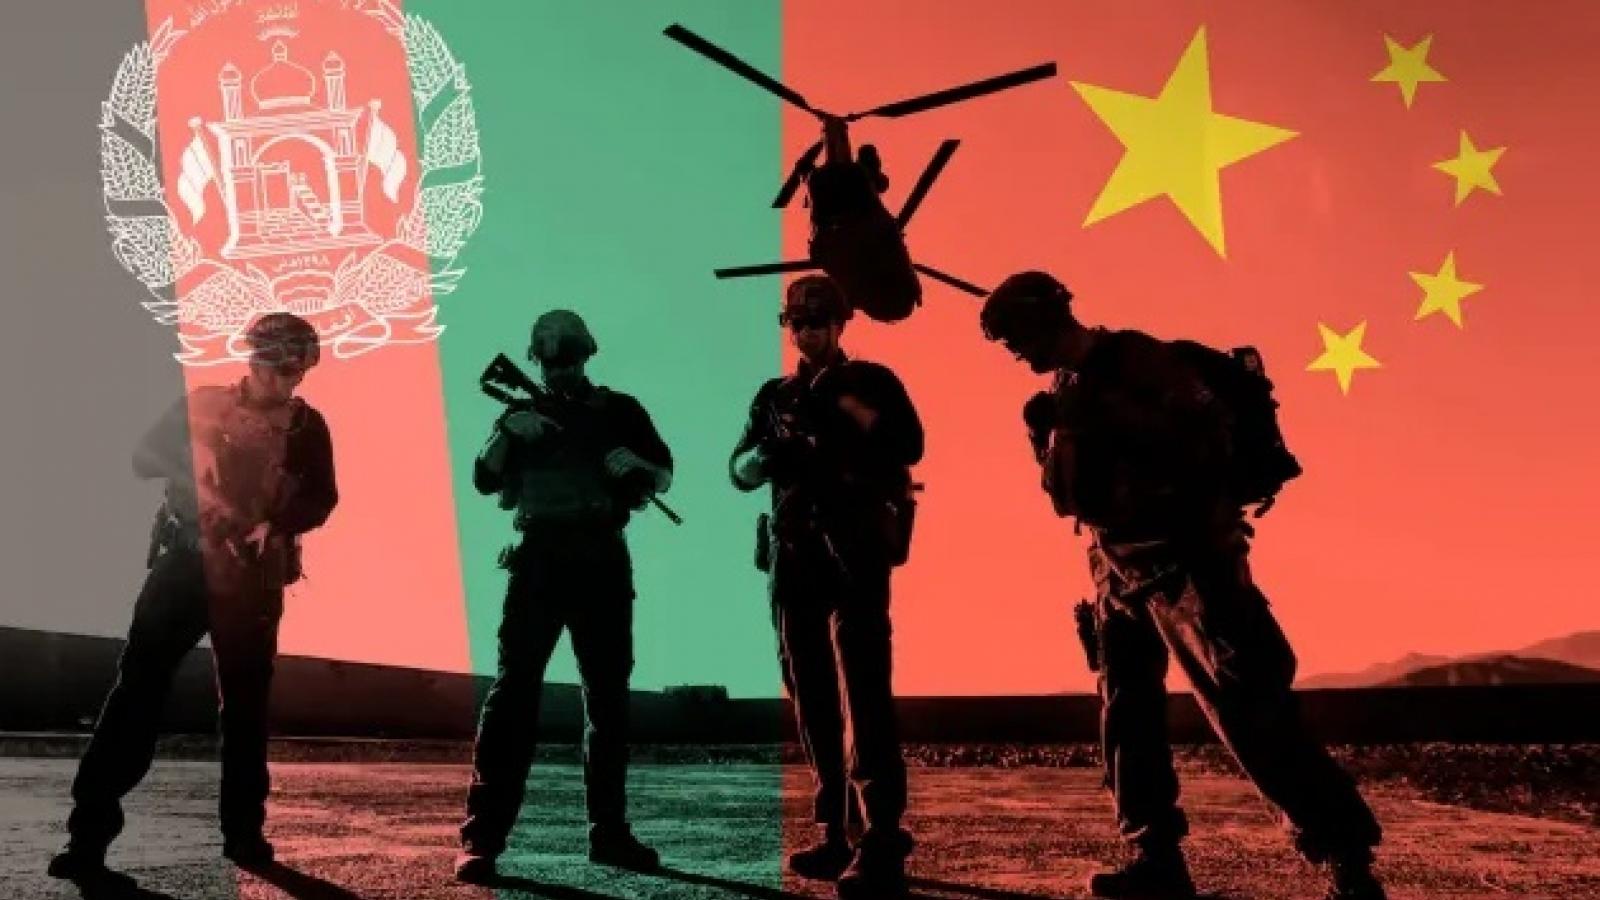 Hé lộ ý đồ của Trung Quốc với Taliban và Afghanistan